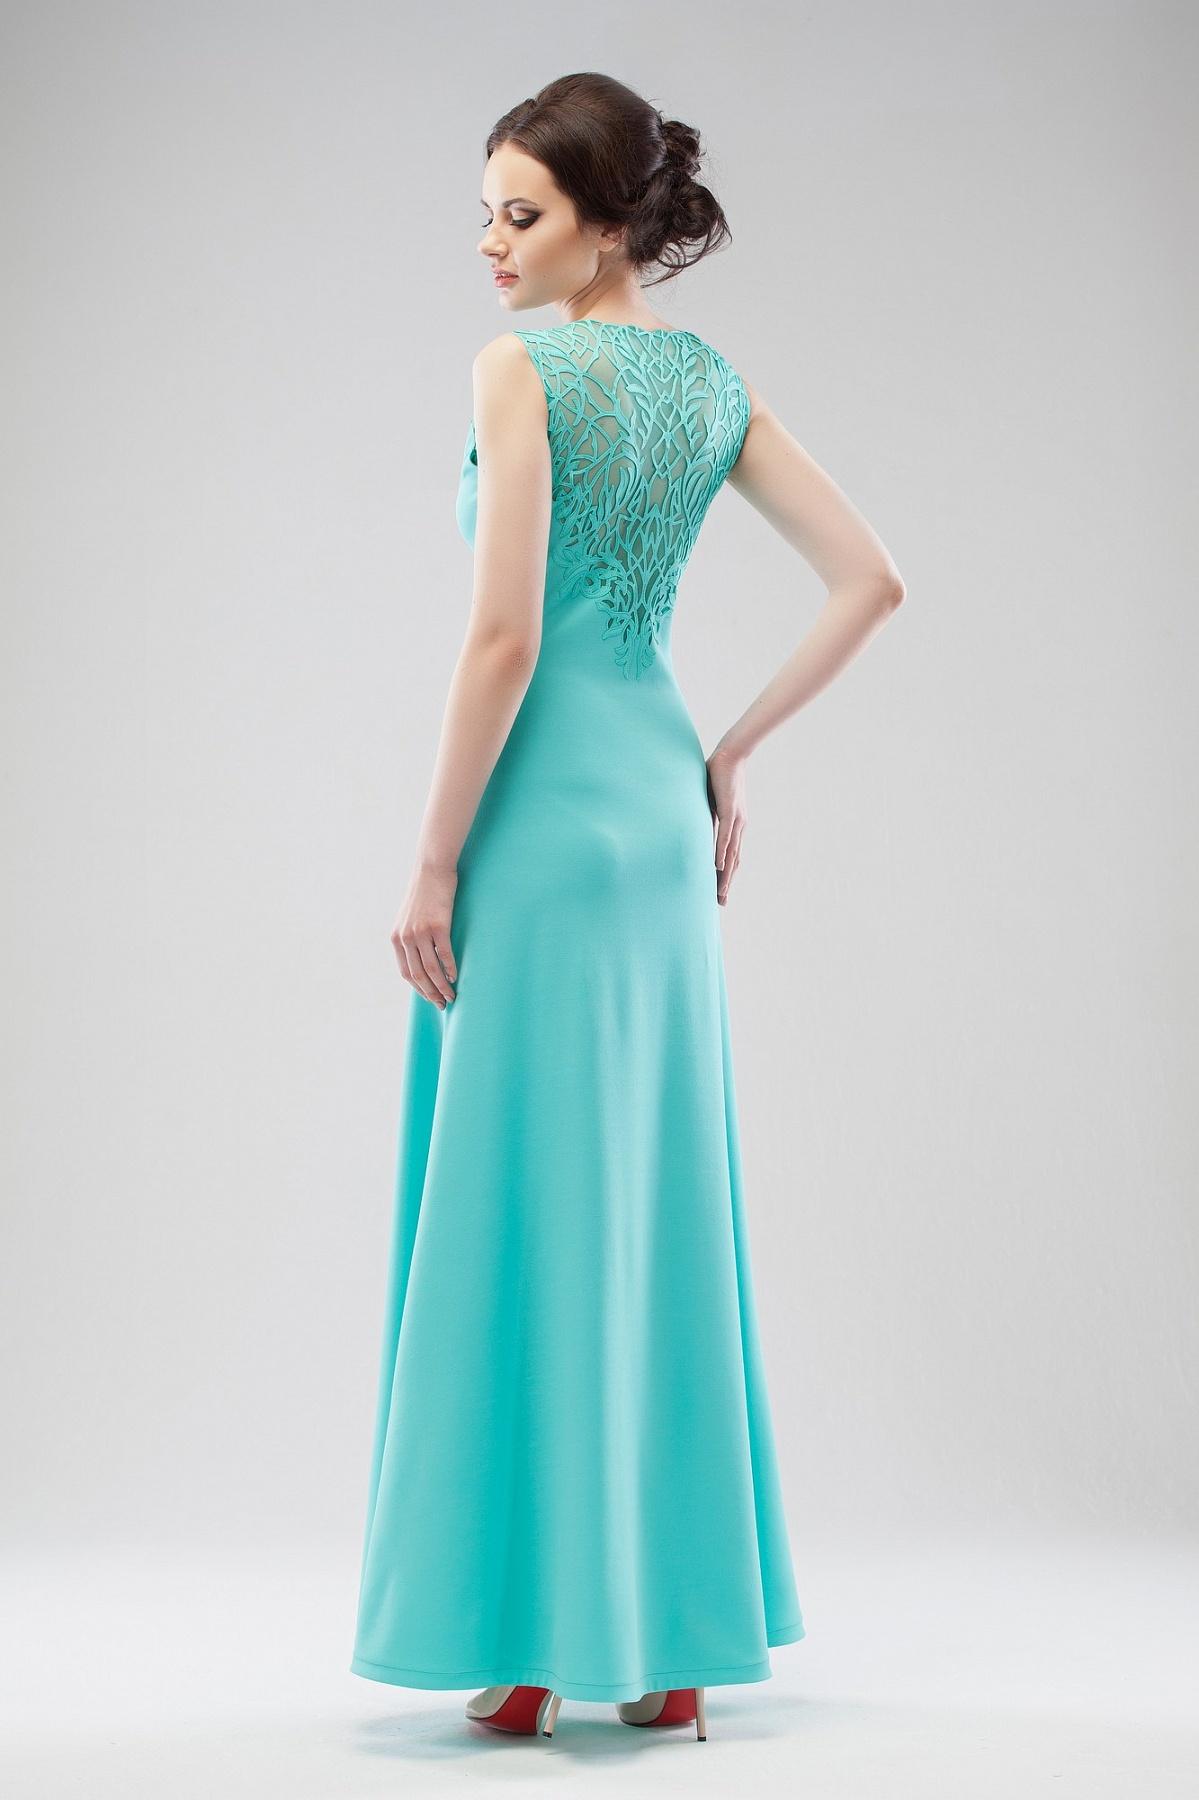 bde4c173ccf7 Купить Длинное вечернее платье в интернет-магазине RicaMare по ...